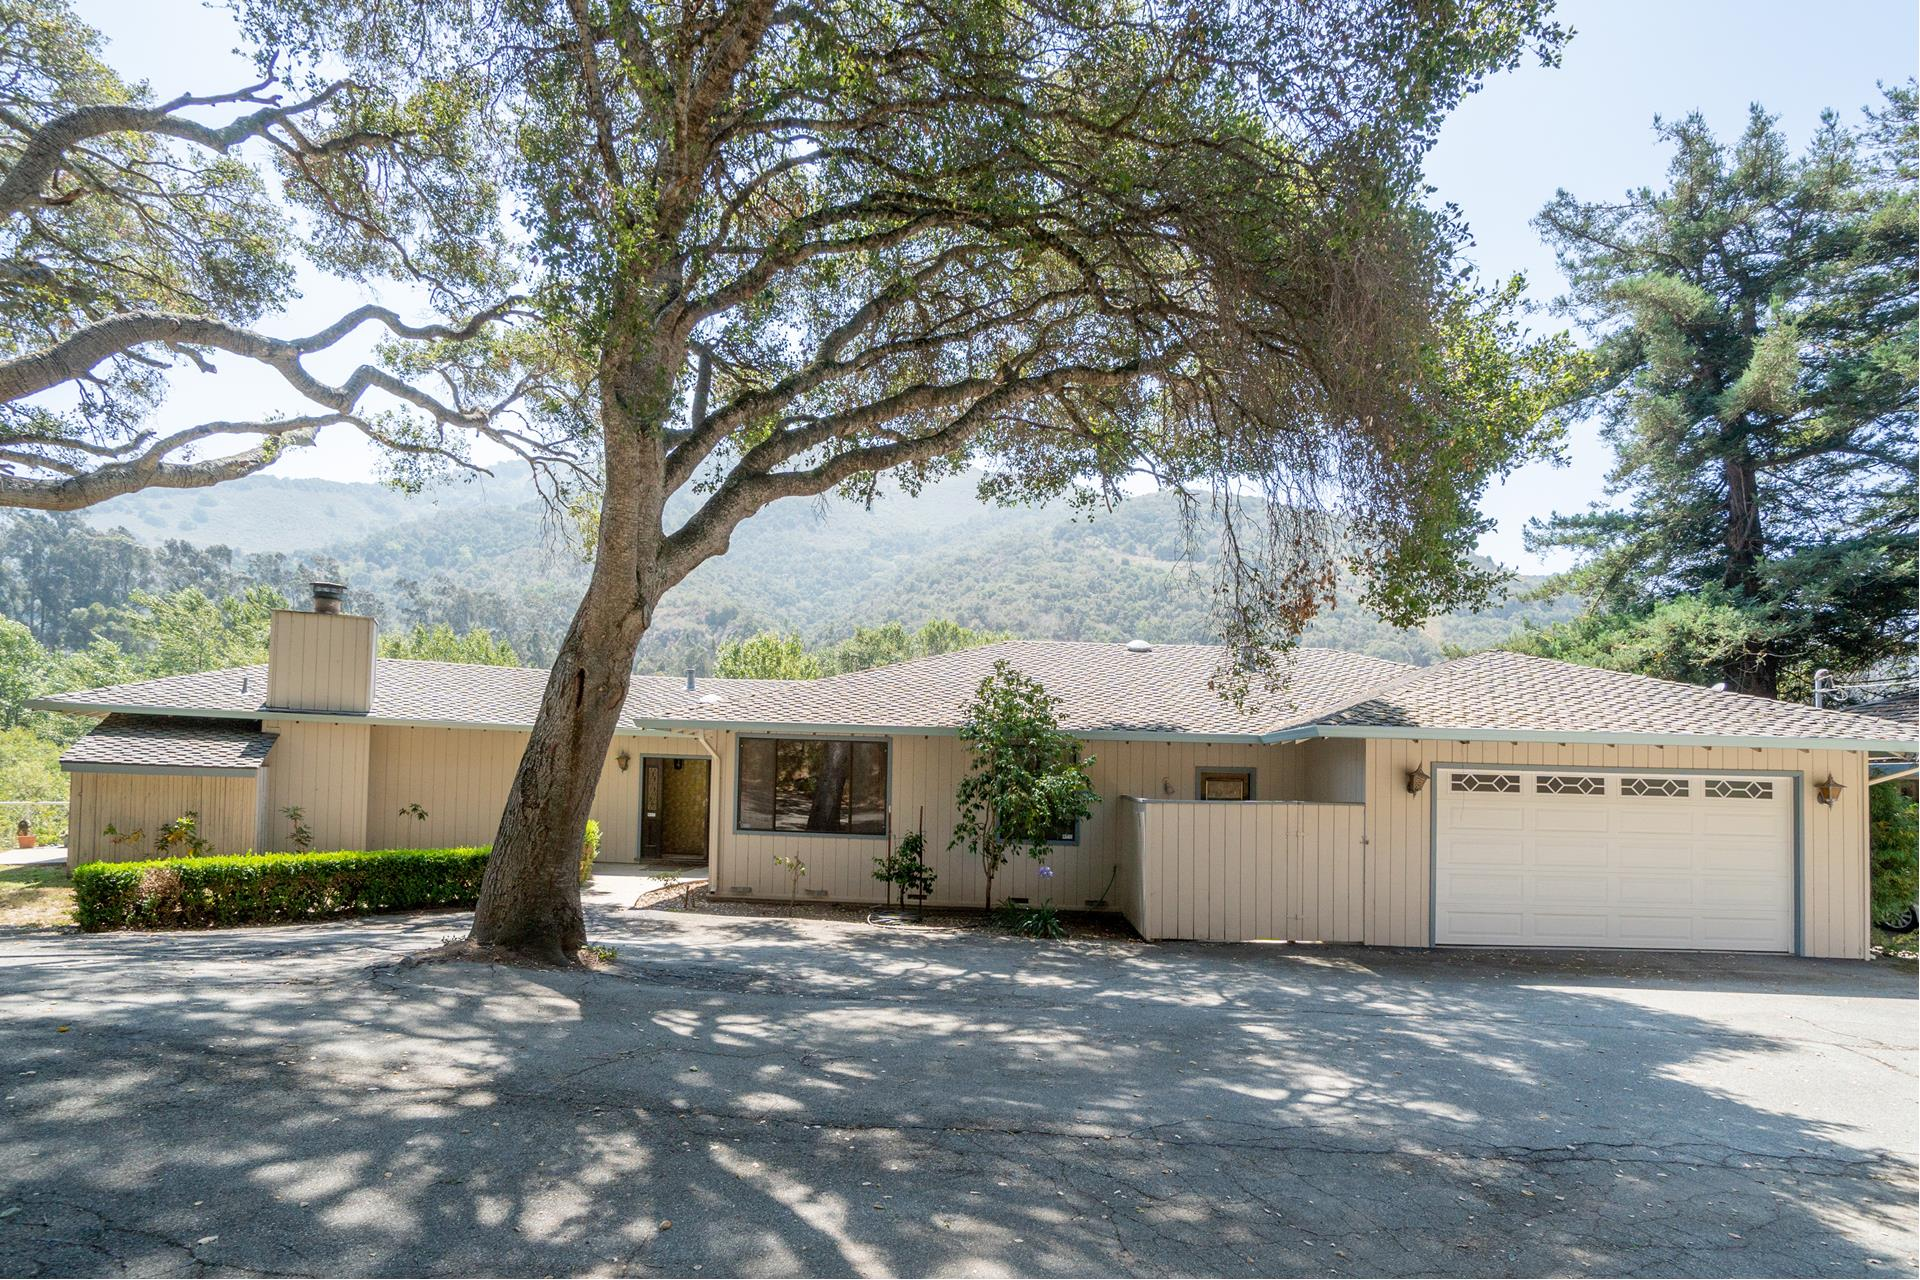 800 Carmel Valley Road - Carmel Valley, California